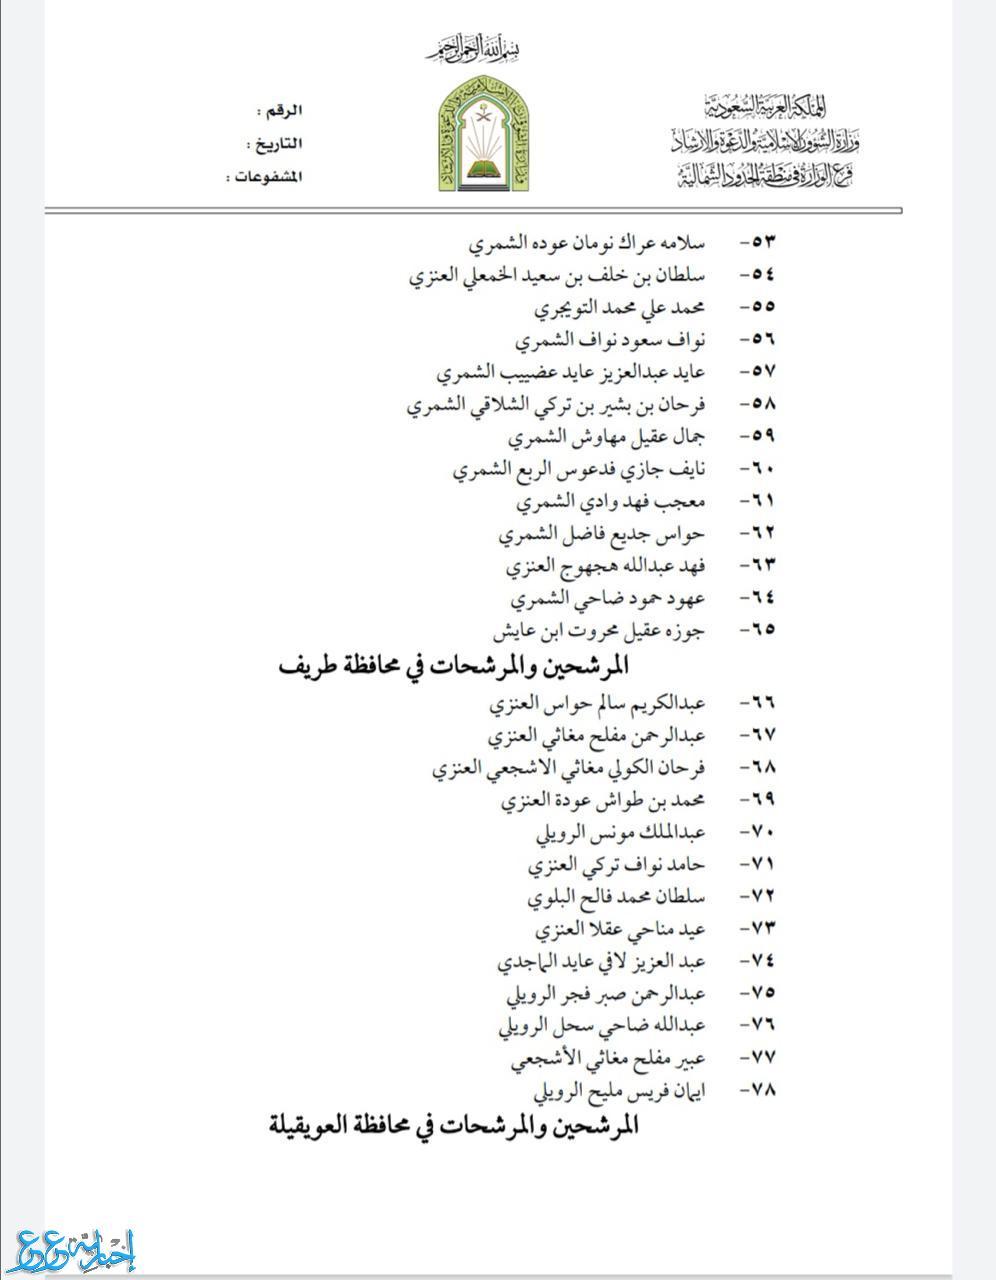 فرع وزارة الشؤون الإسلامية بمنطقة الحدود الشمالية يعلن أسماء المرشحين للوظائف في عرعر وبقية المحافظات إخبارية عرعر